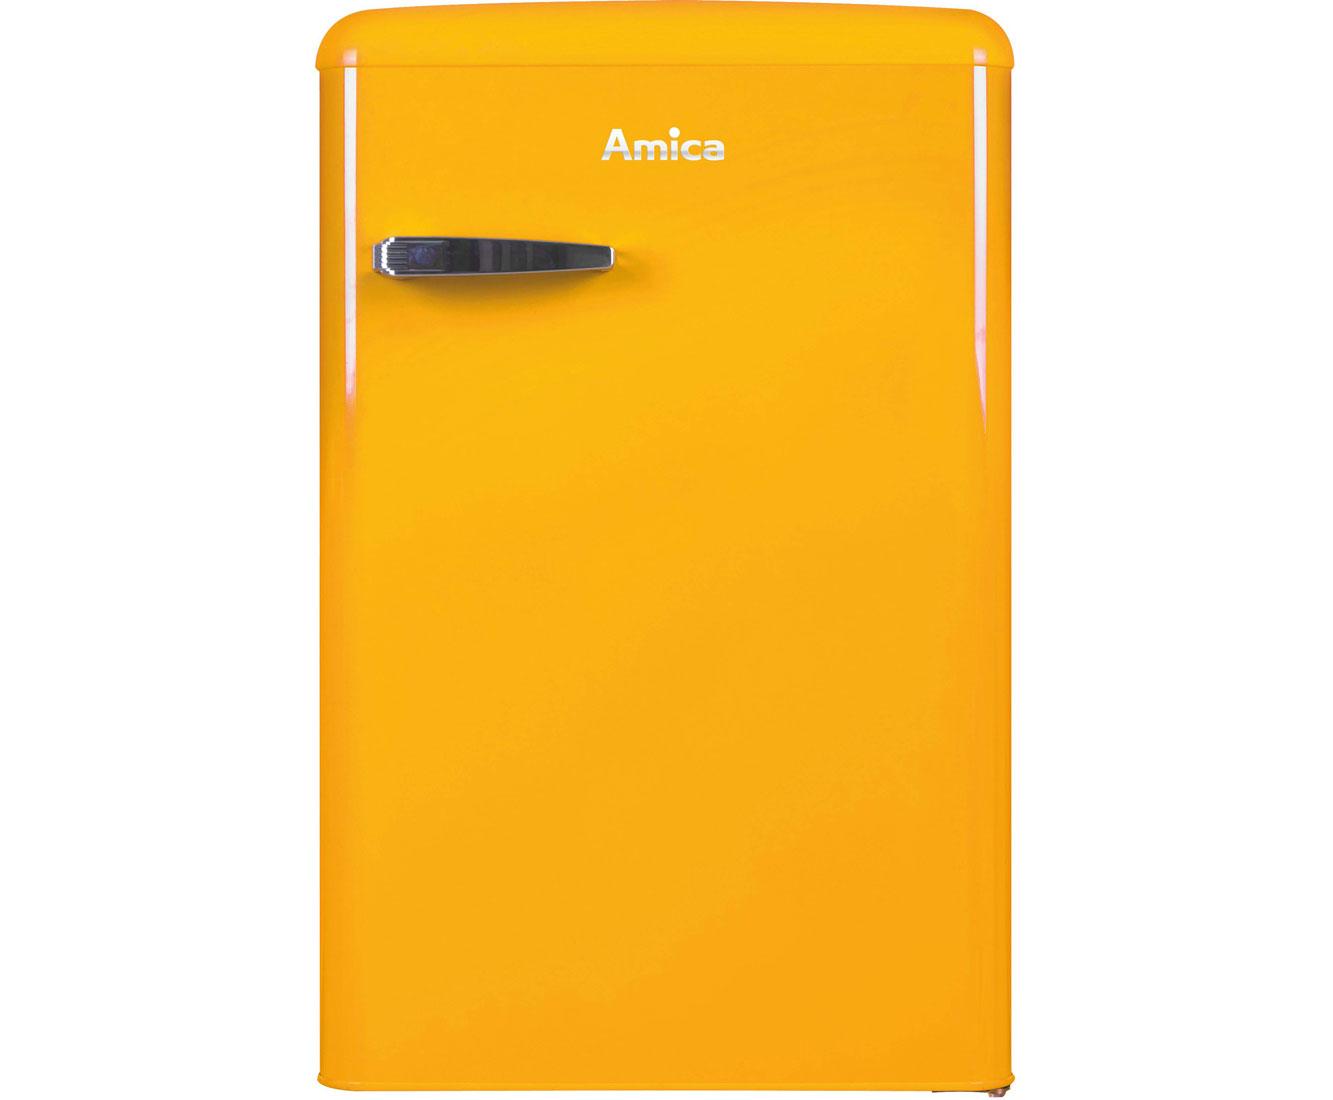 Bomann Kühlschrank Gelb : Retro kühlschrank günstig retro kühlschrank rot typen best retro